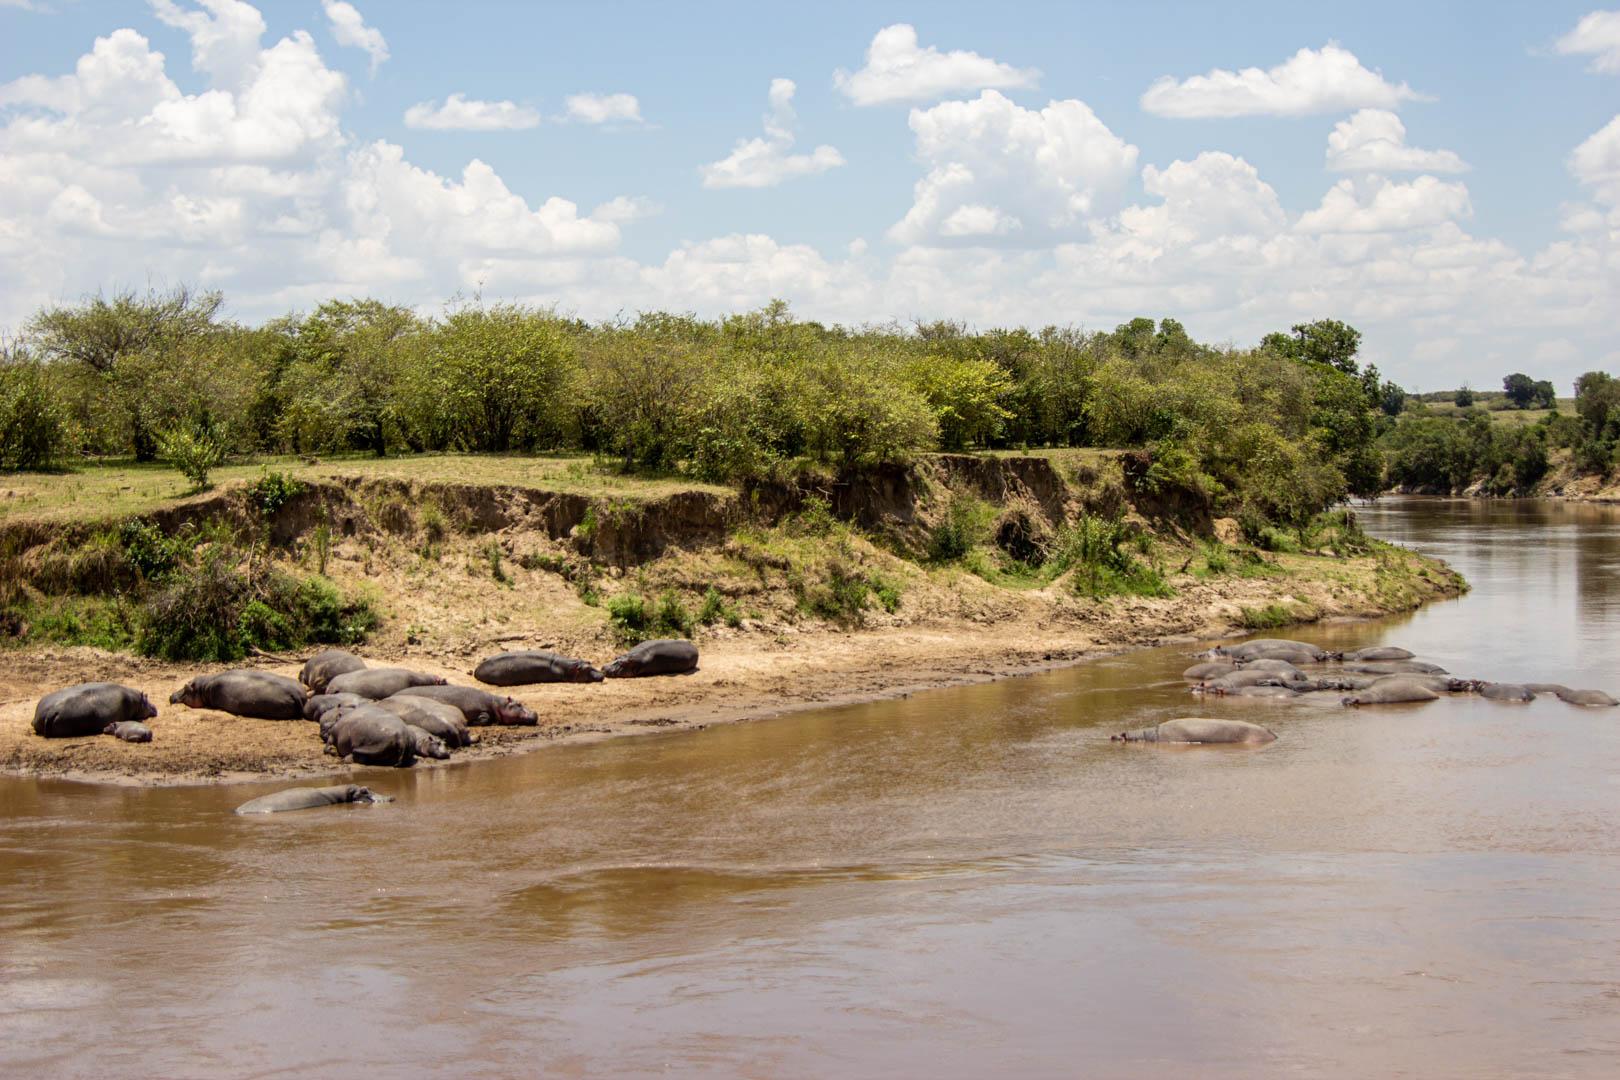 Hipopótamos en el río Mara, Masai Mara, Kenia